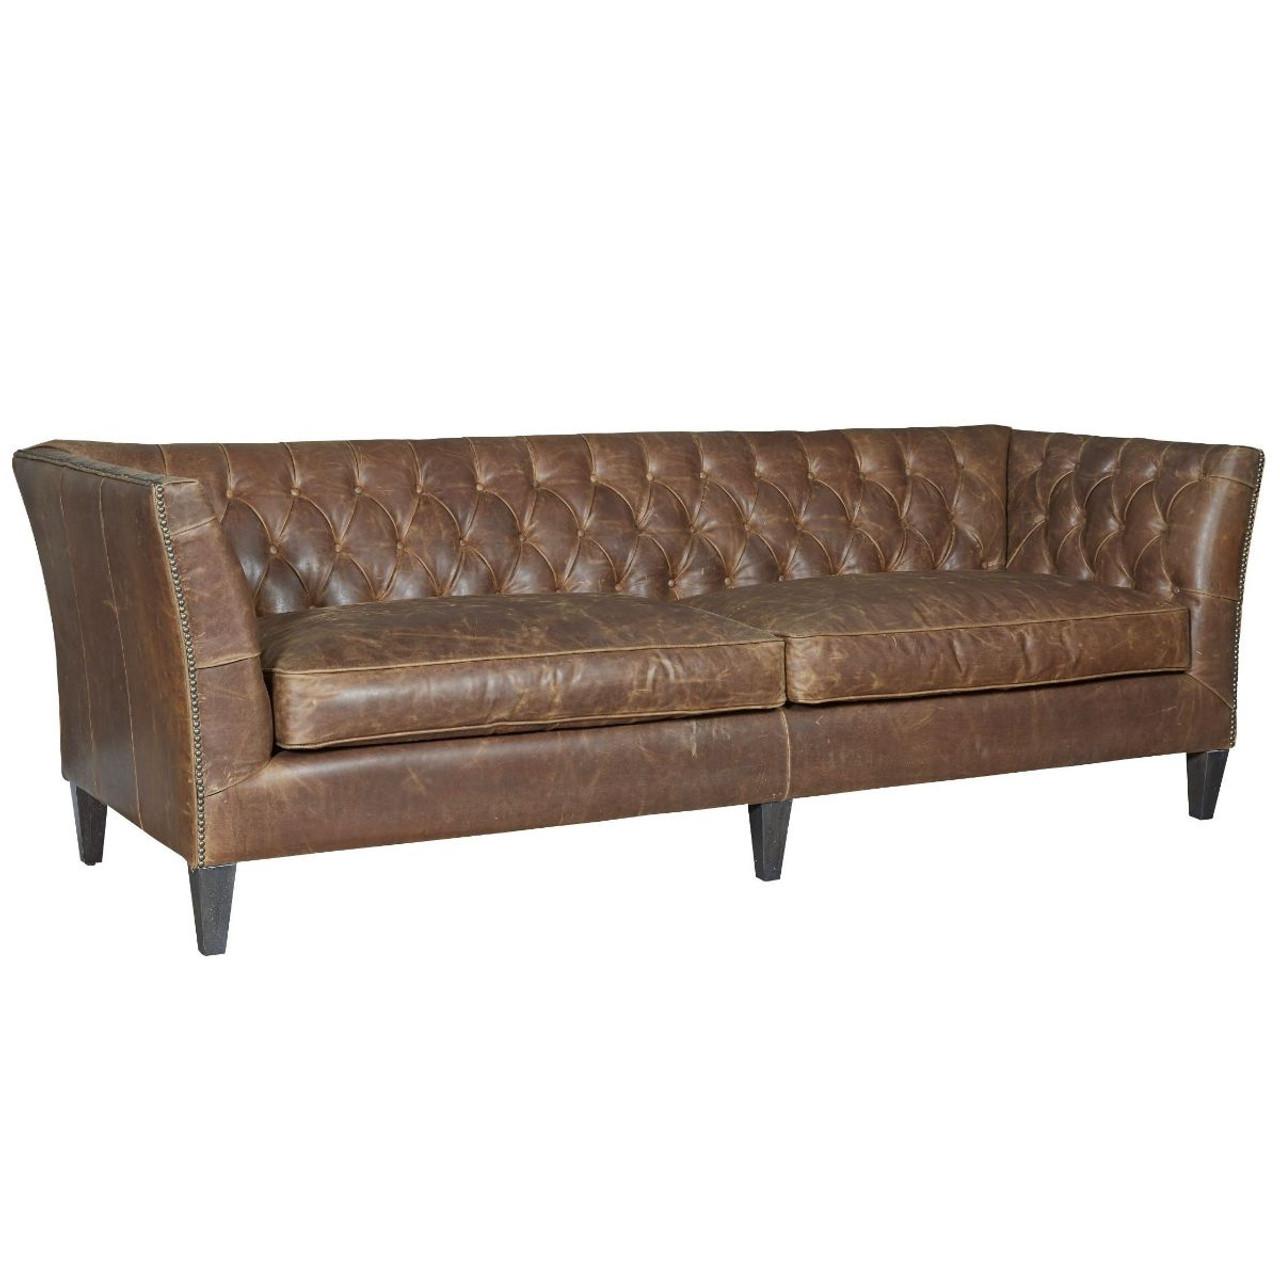 duncan chestnut tufted leather sofa 98 zin home. Black Bedroom Furniture Sets. Home Design Ideas